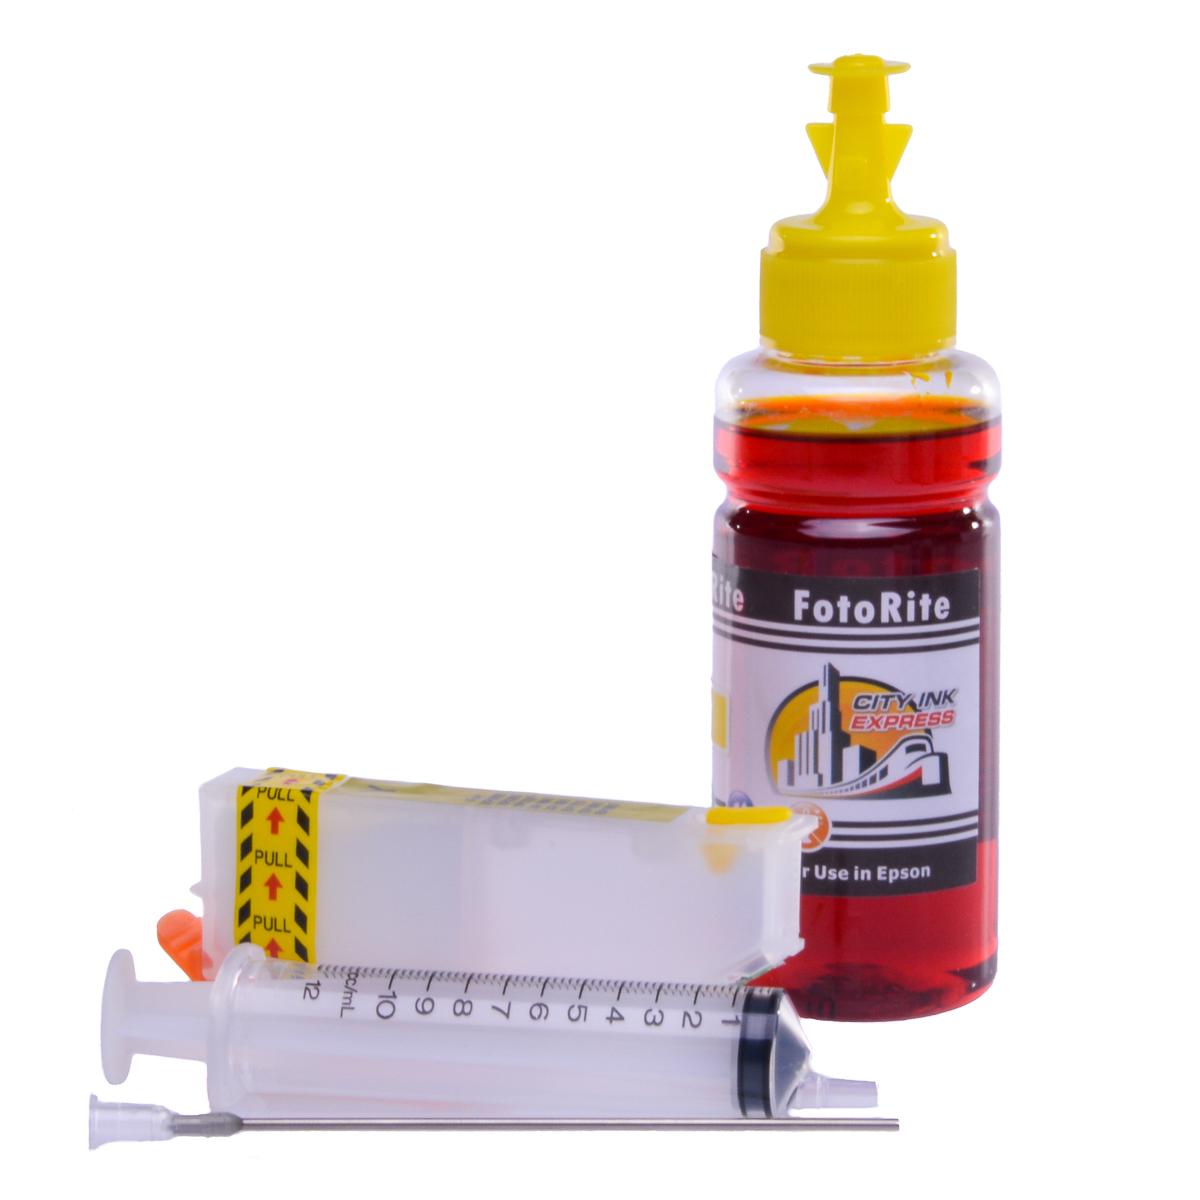 Refillable T2614 Yellow Cheap printer cartridges for Epson XP-710 C13T26144010 dye ink